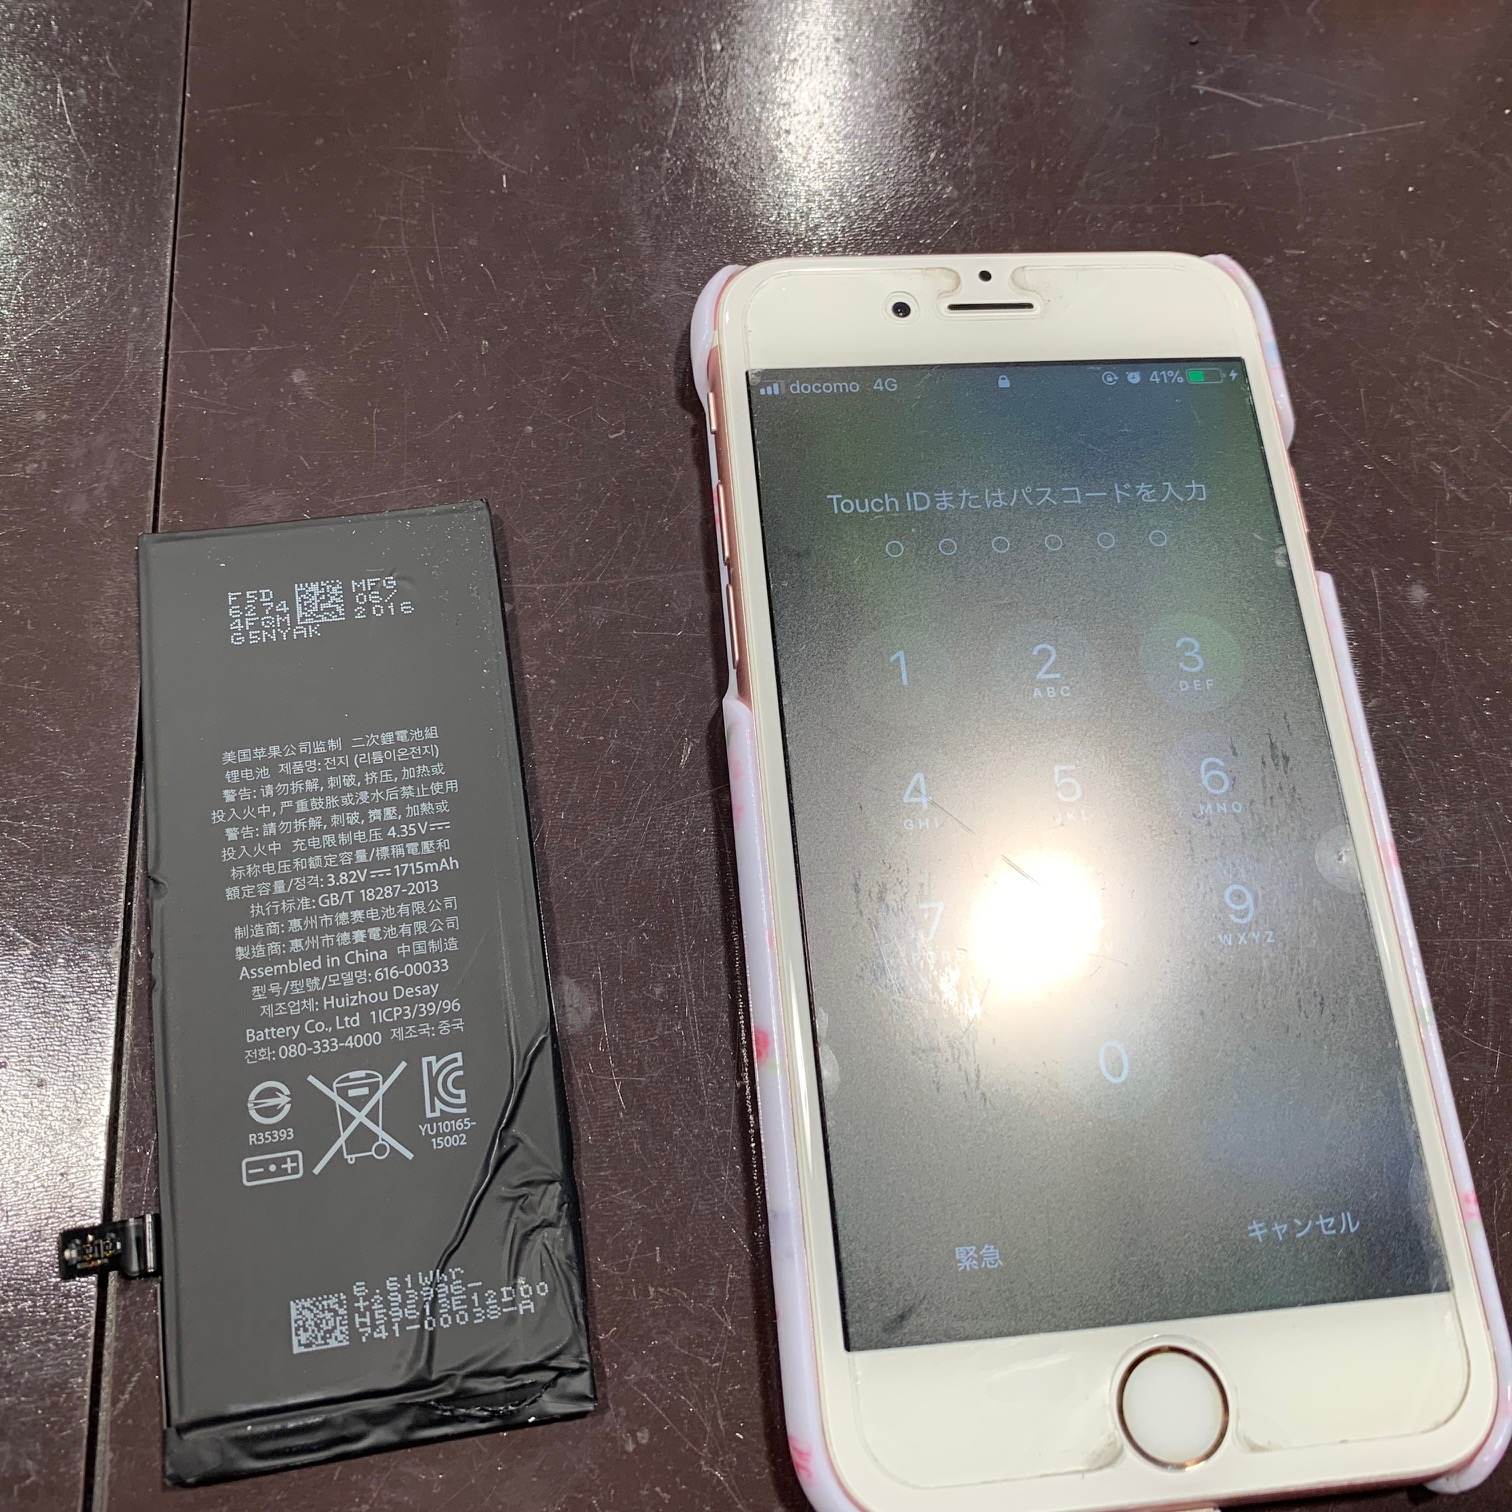 30分で使用歴3年目のiphone6sの弱ったバッテリーを交換!最大容量100%に返り咲き🌸川西尼崎伊丹宝塚大阪iPhone修理スマートクール伊丹店☎:072-767-1011